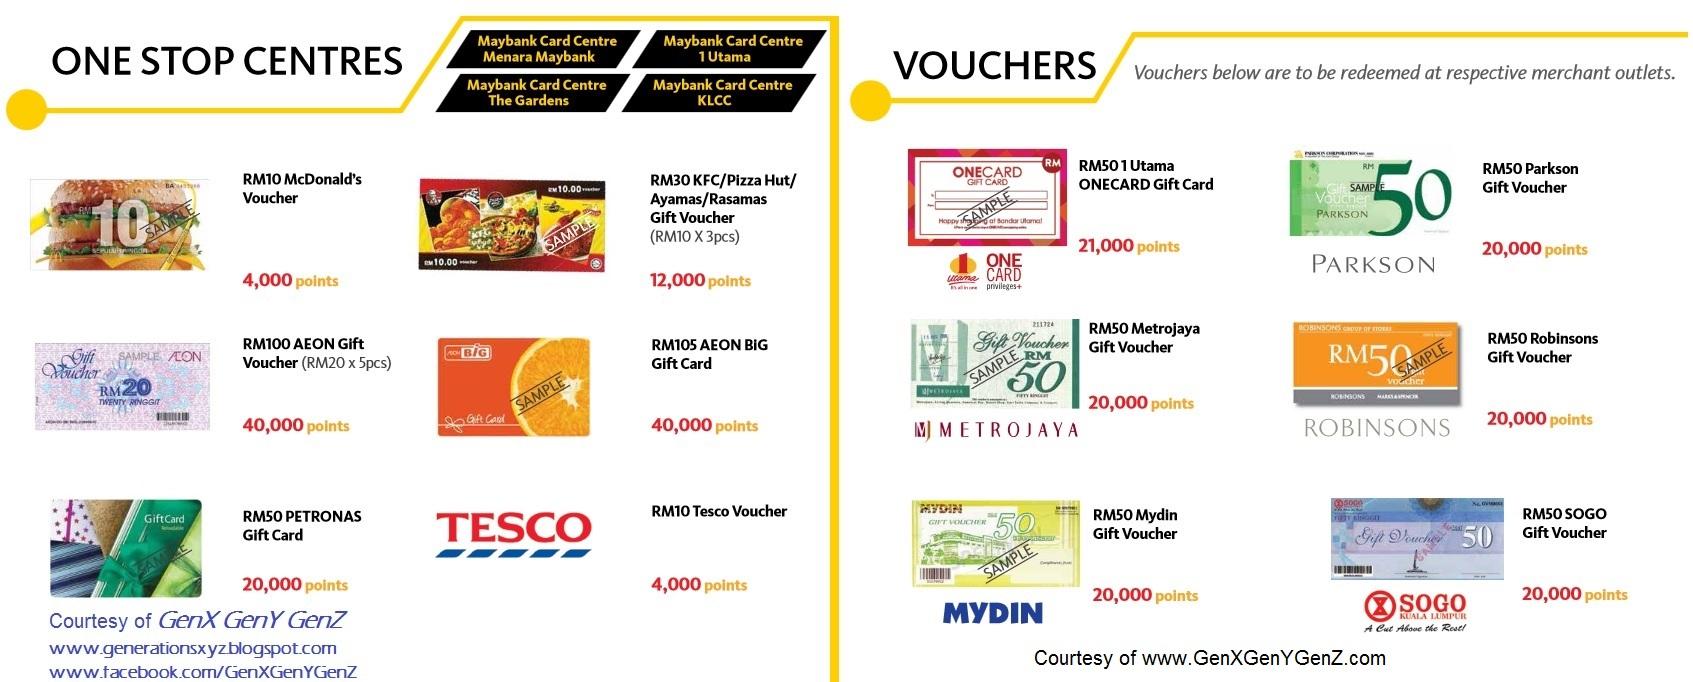 Hsbc Credit Card Rewards Catalogue 2017 Malaysia | Infocard.co